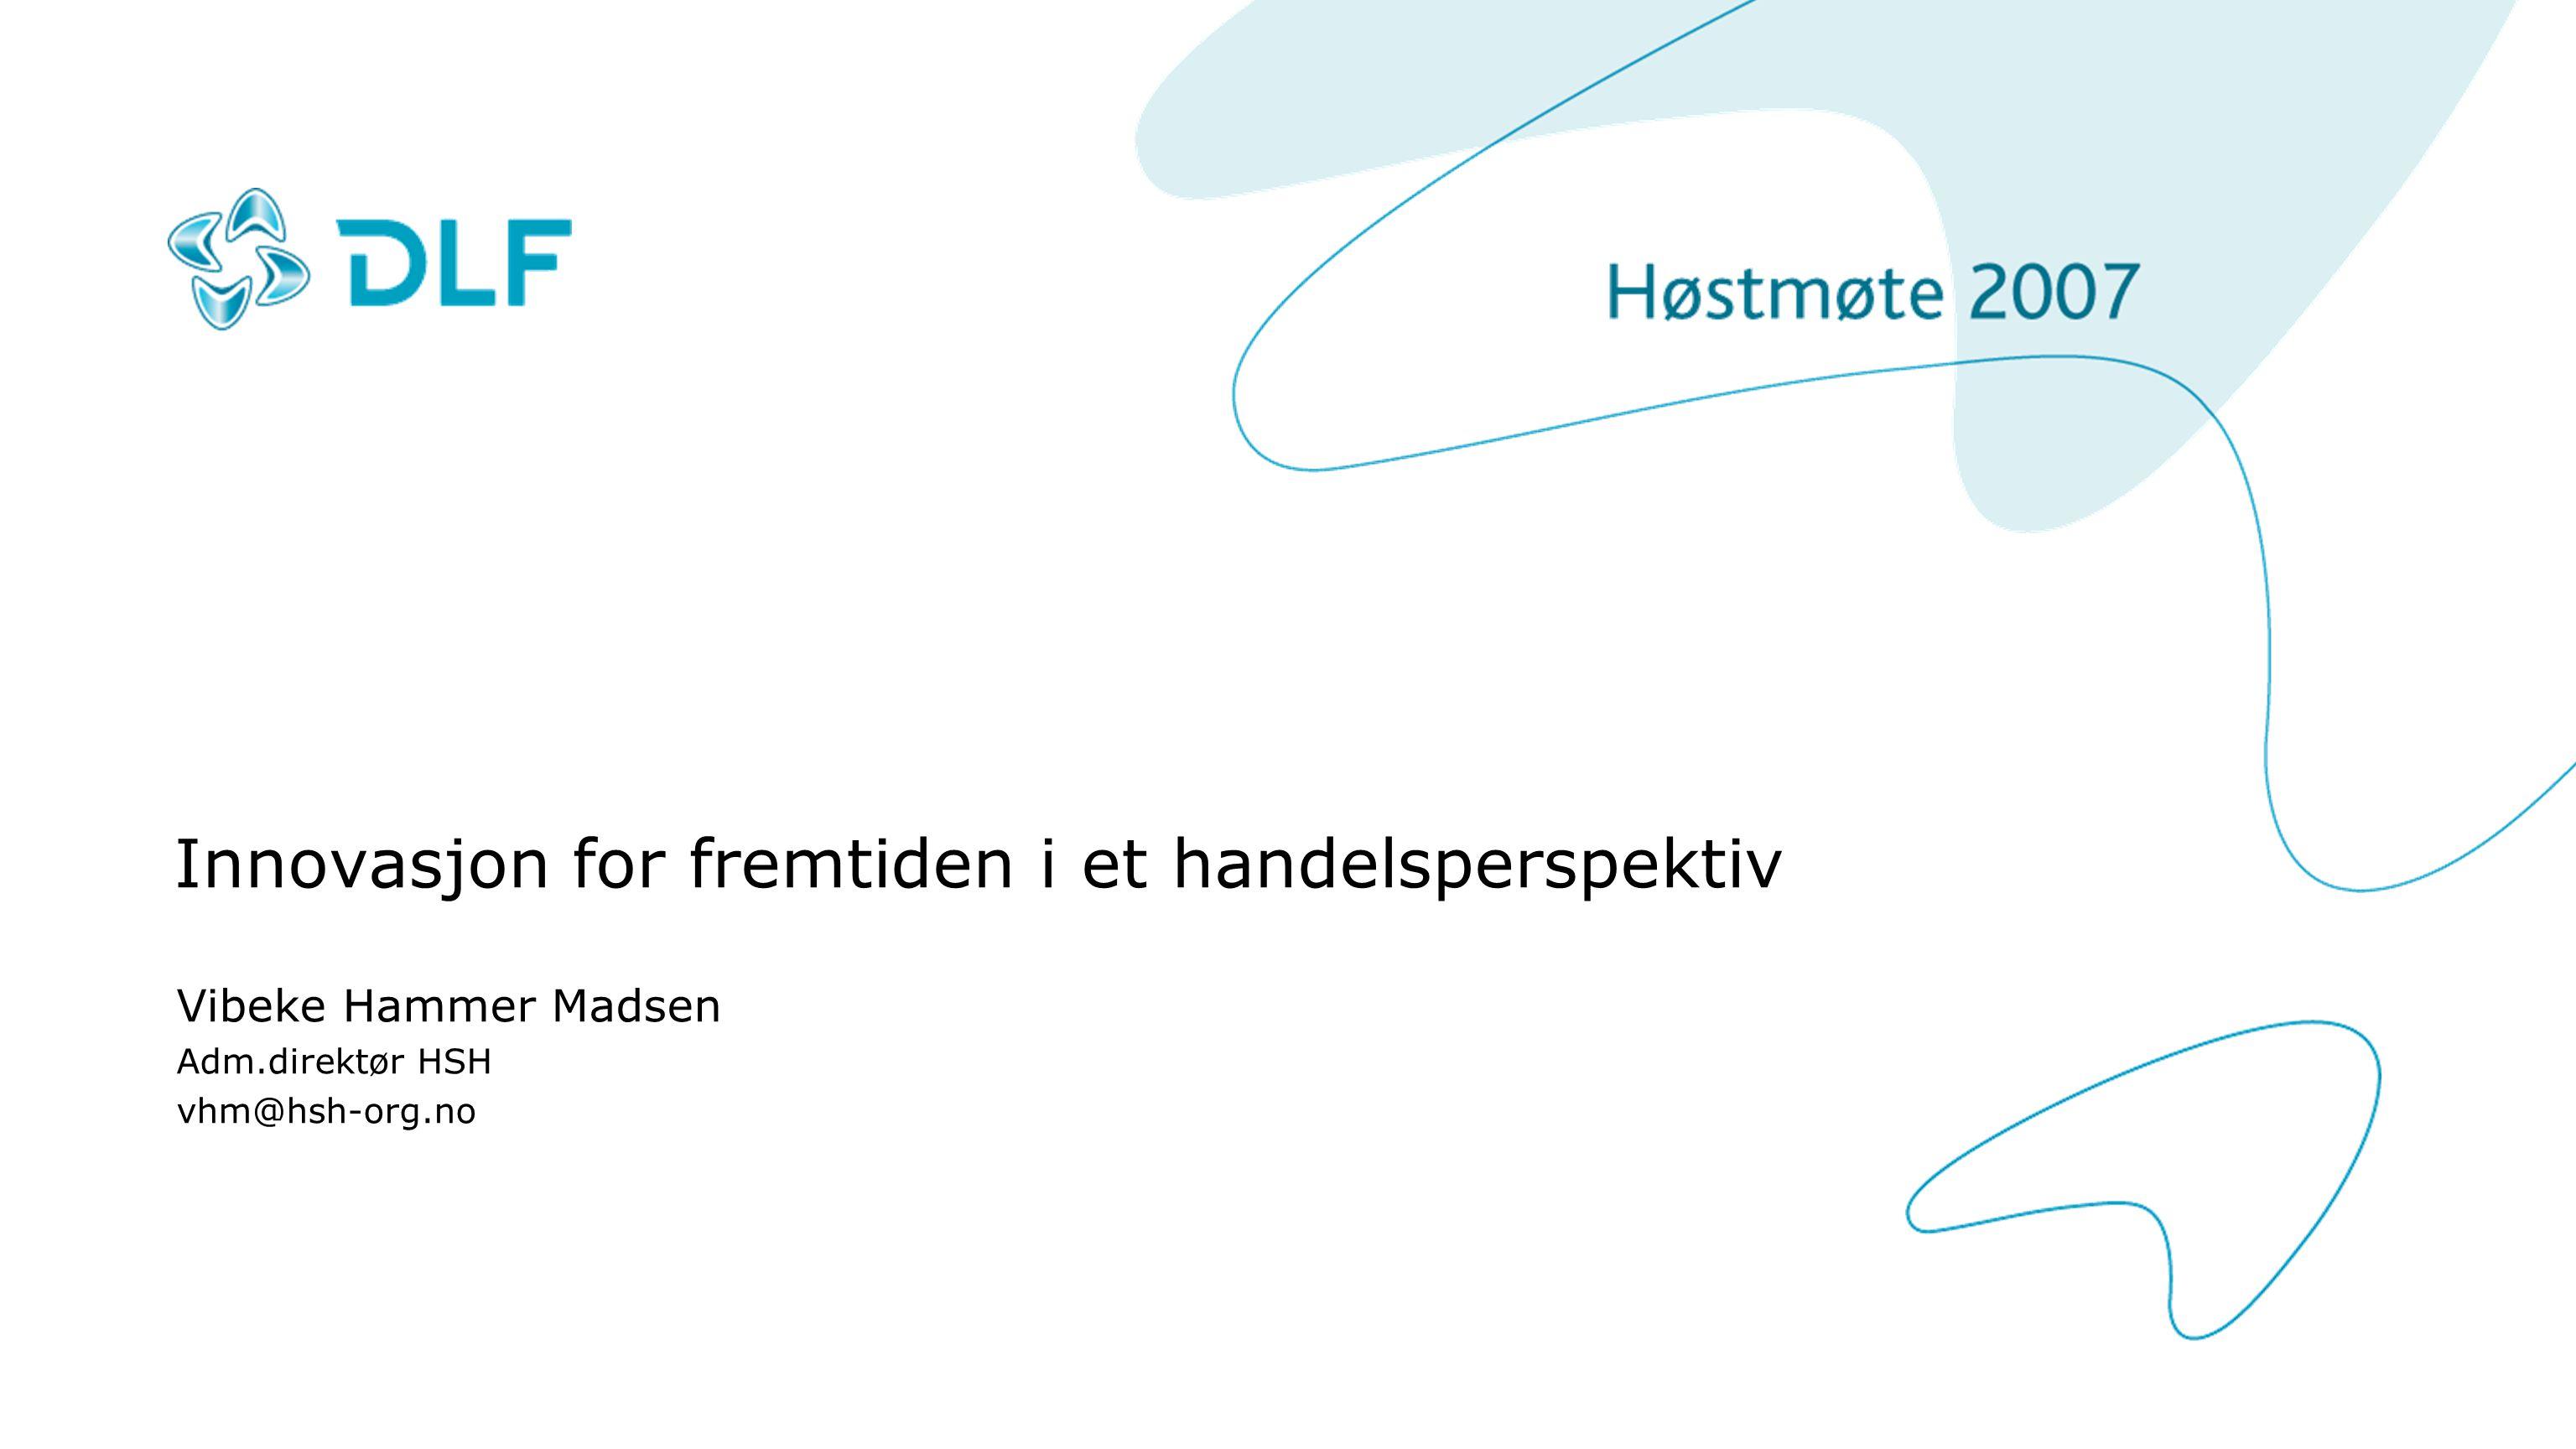 Innovasjon for fremtiden i et handelsperspektiv Vibeke Hammer Madsen Adm.direktør HSH vhm@hsh-org.no